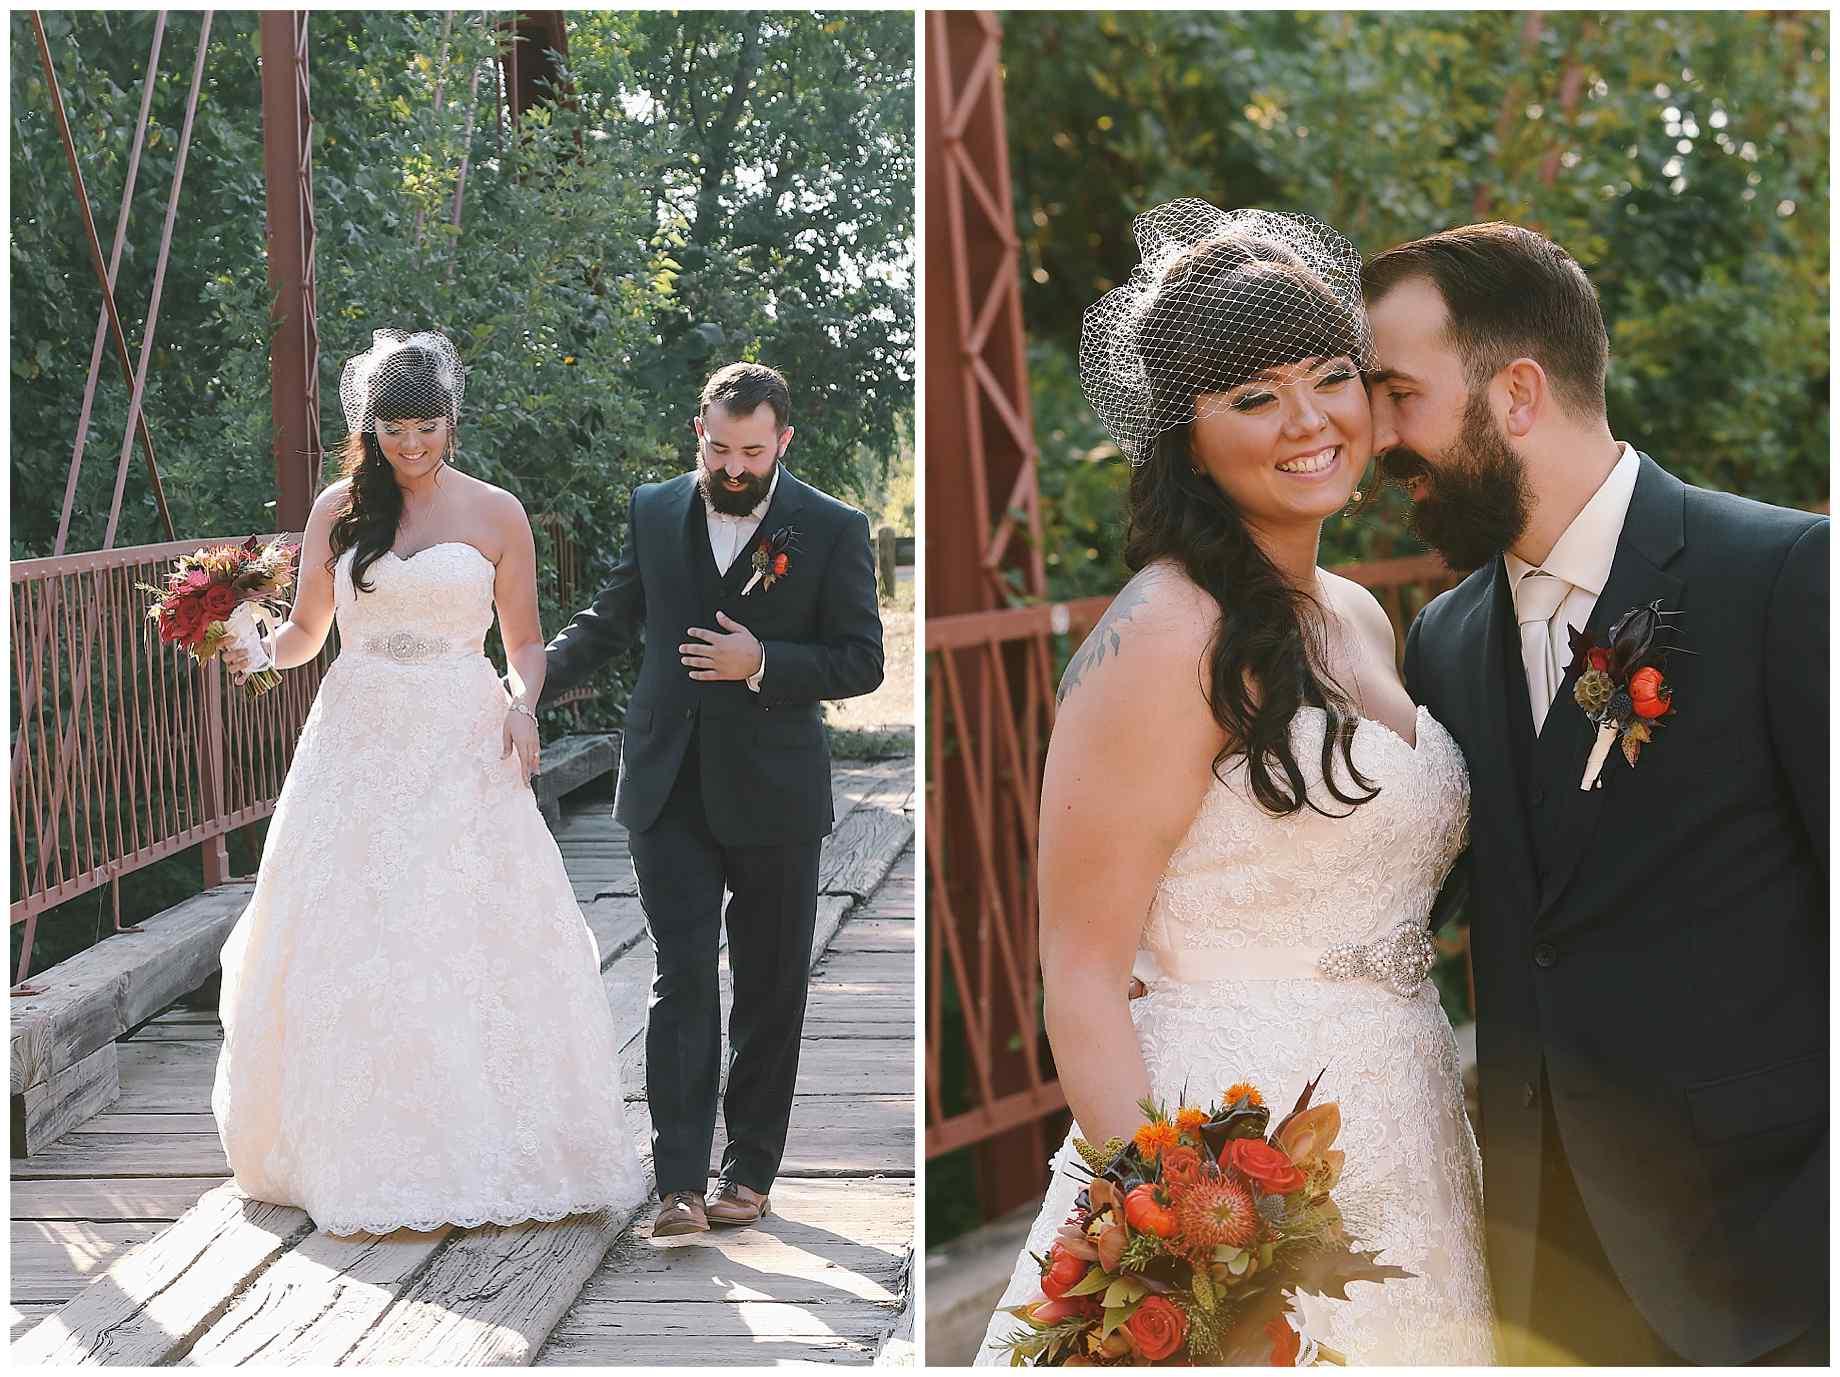 Le-Beaux-Chateau-wedding-photos-014